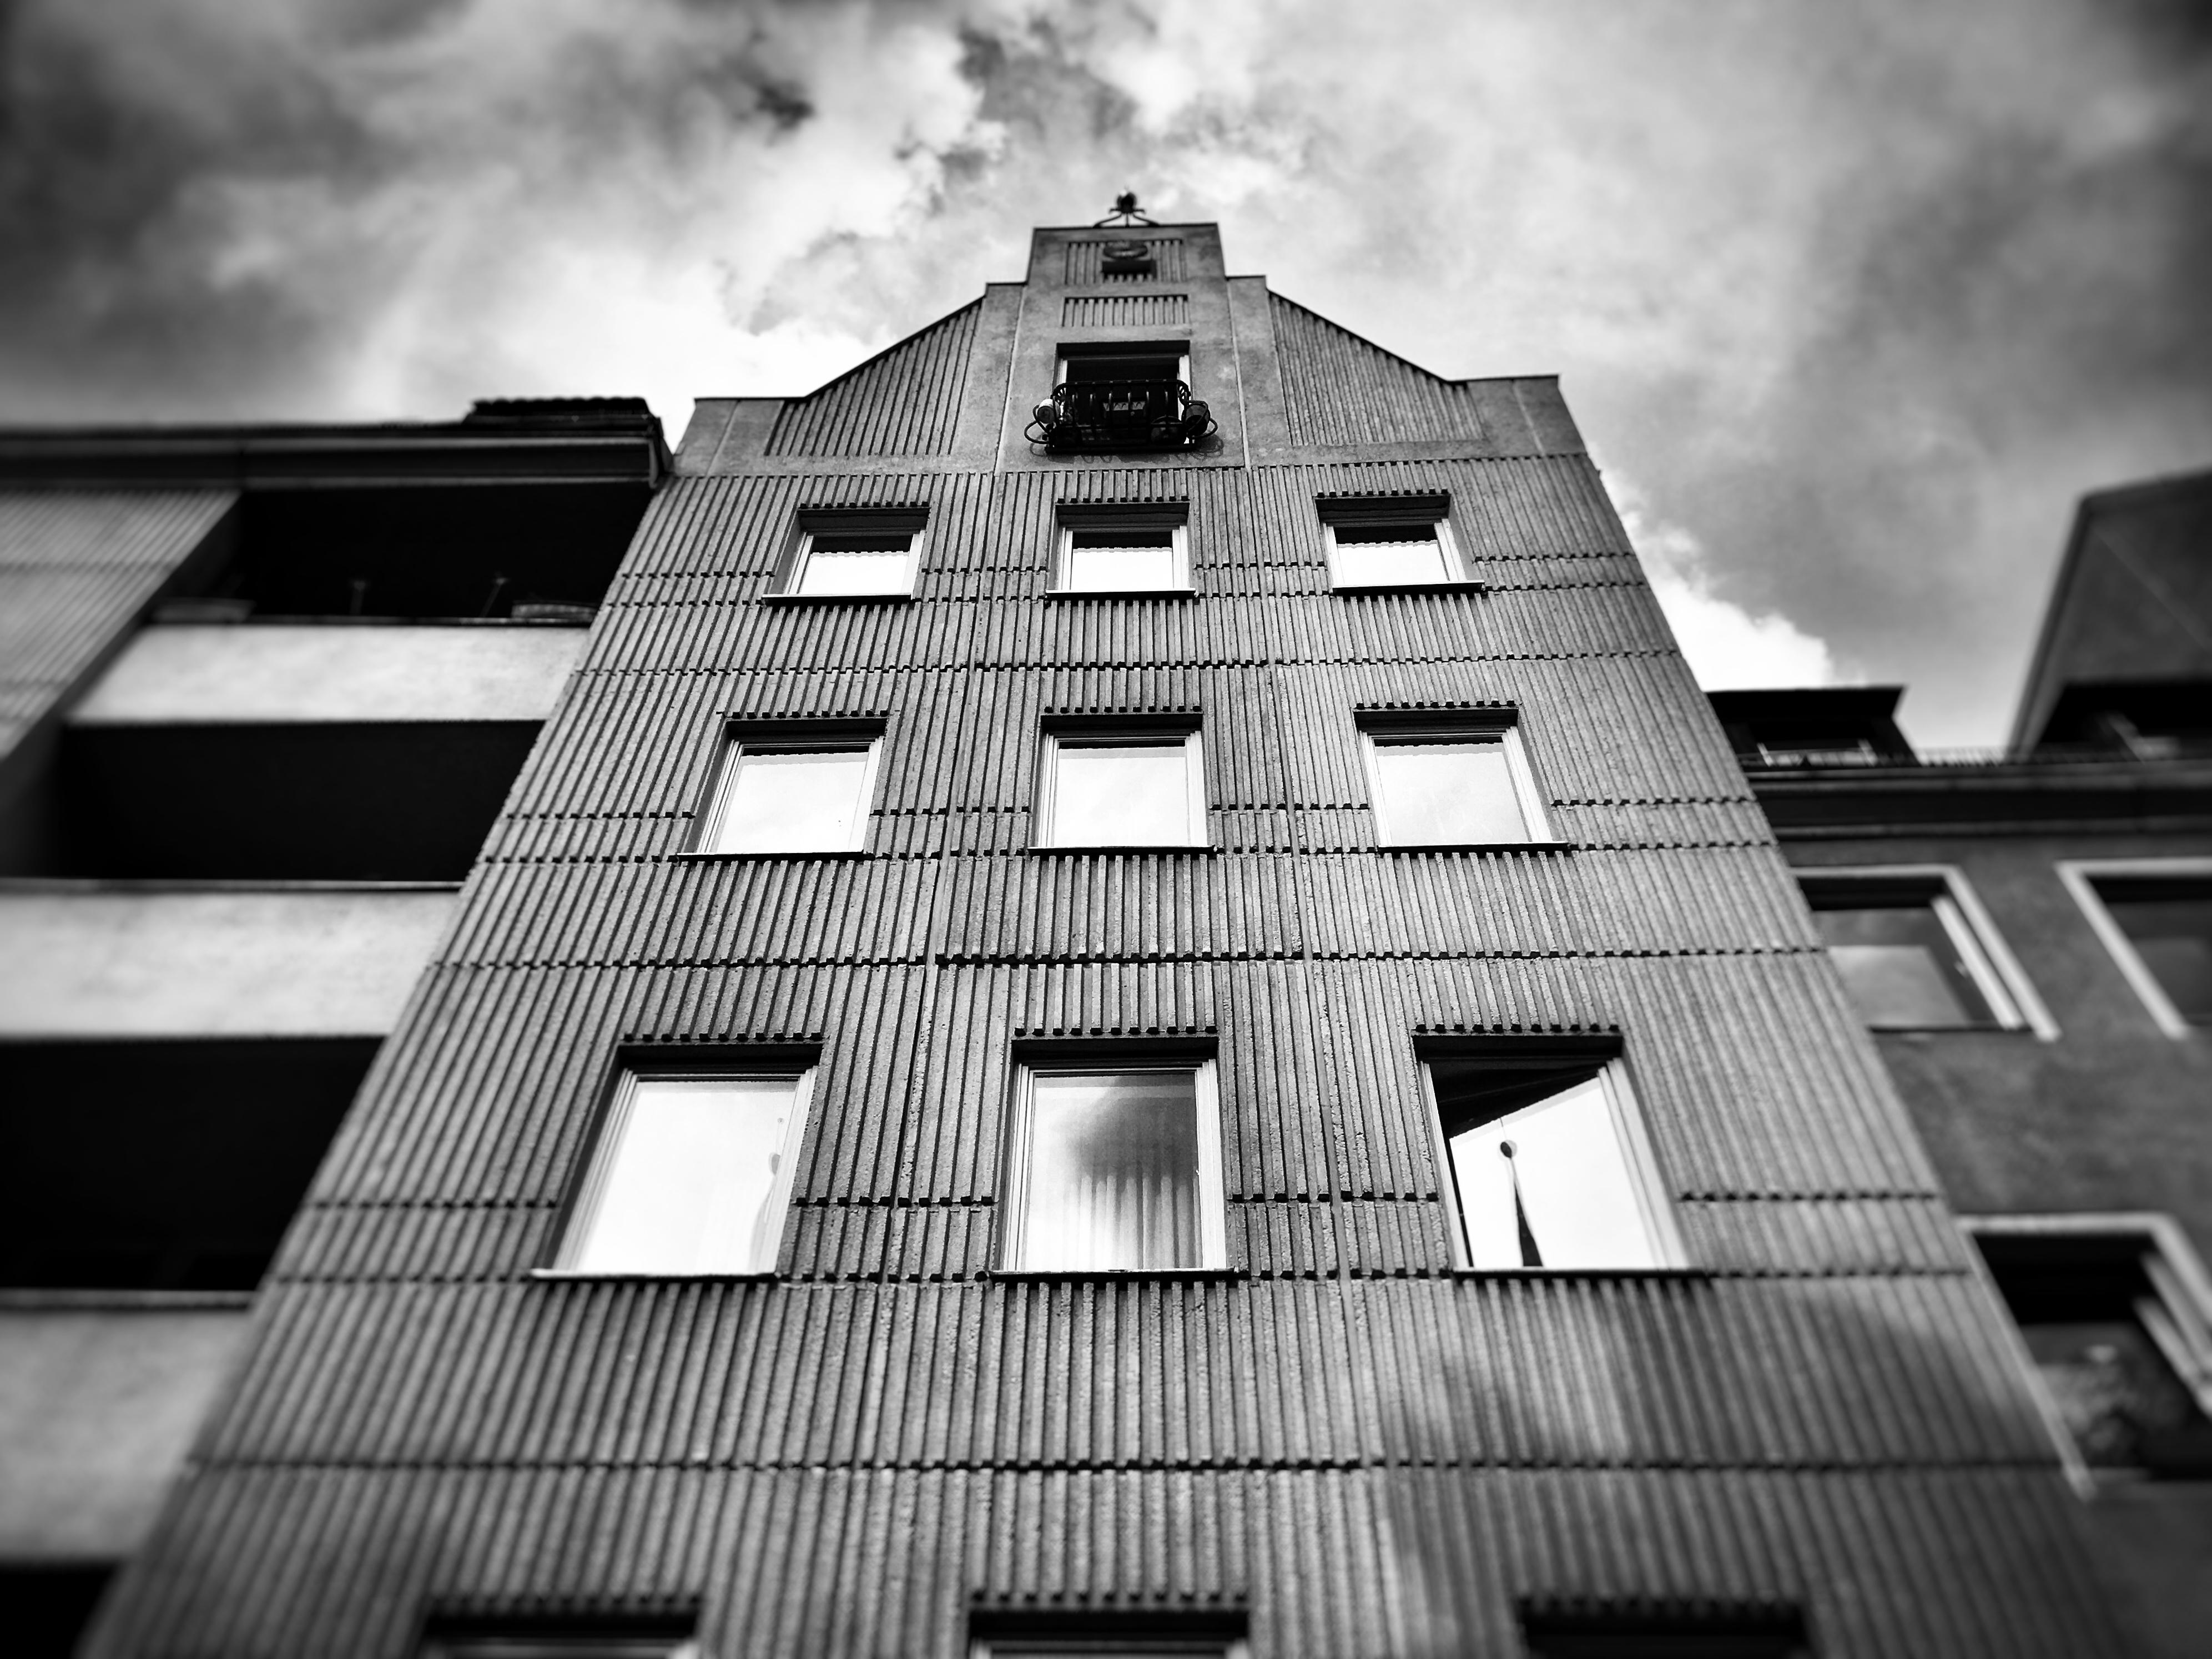 Impressionen Berliner Nikolaiviertel Plattenbau